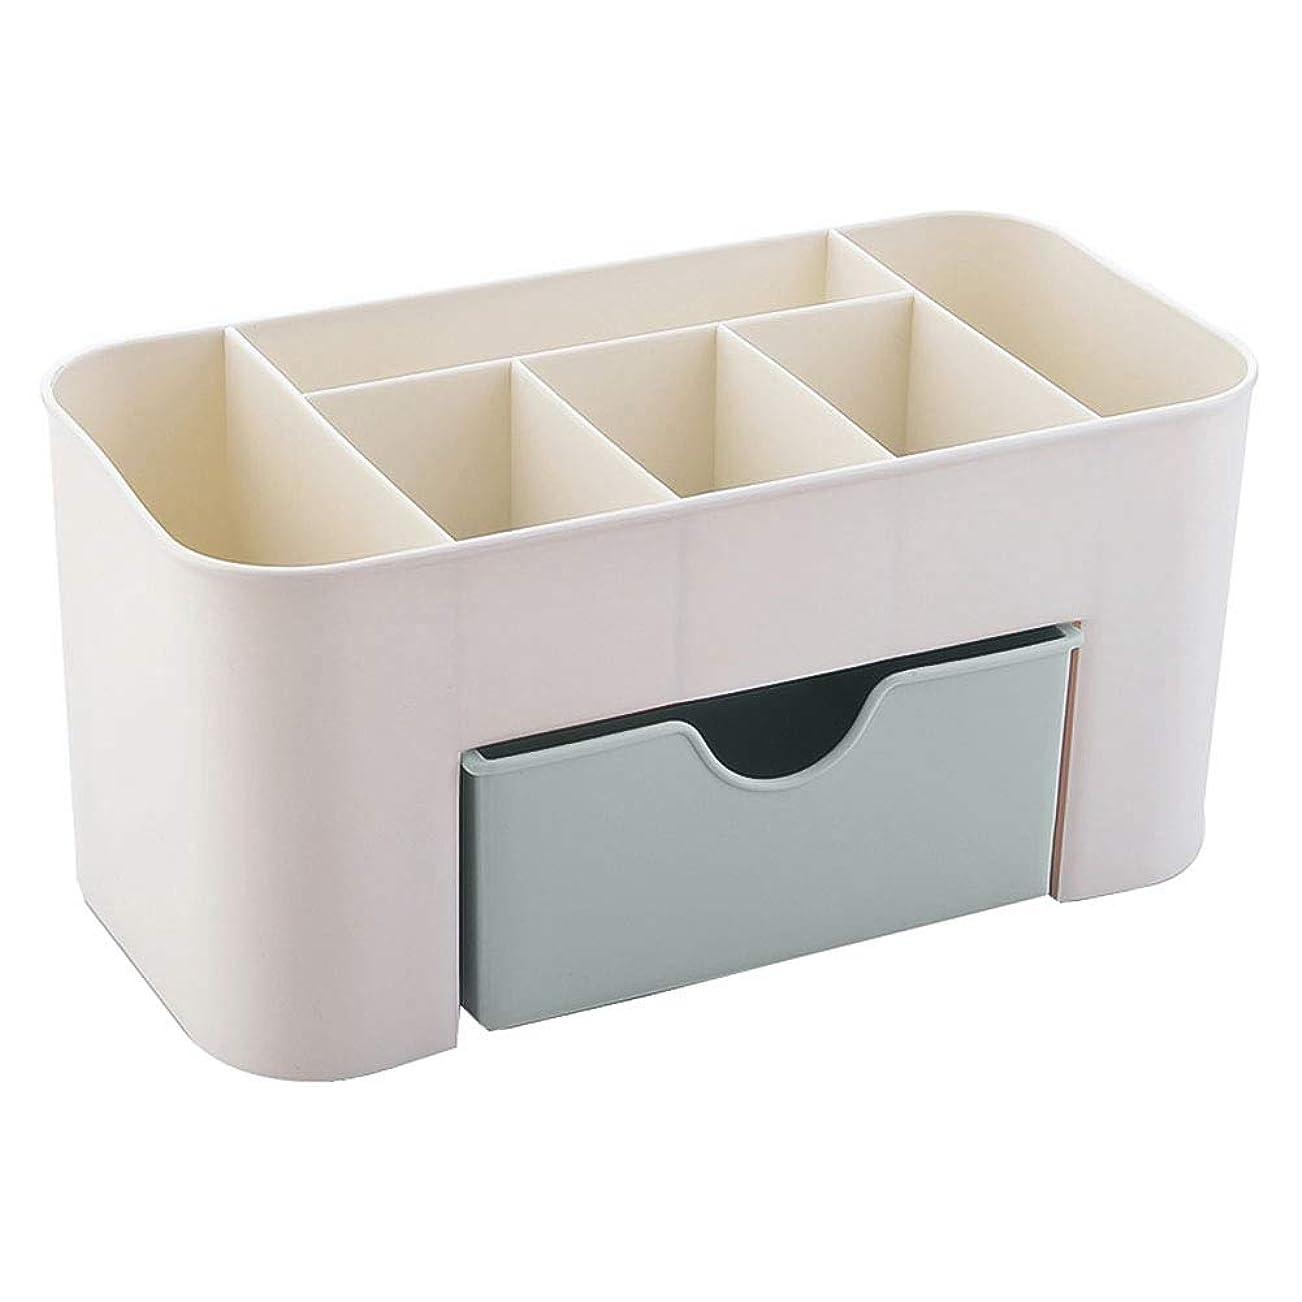 バンク生産的ドラフトTerGOOSE 化粧品収納ボックス メイクボックス 収納ケース メイクボックス メイクケース 騒音なし ジュエリー 化粧品 小物 収納 引き出し式 卓上収納 安定 コスメ収納 大きな置き場 ギフト(グリーン)